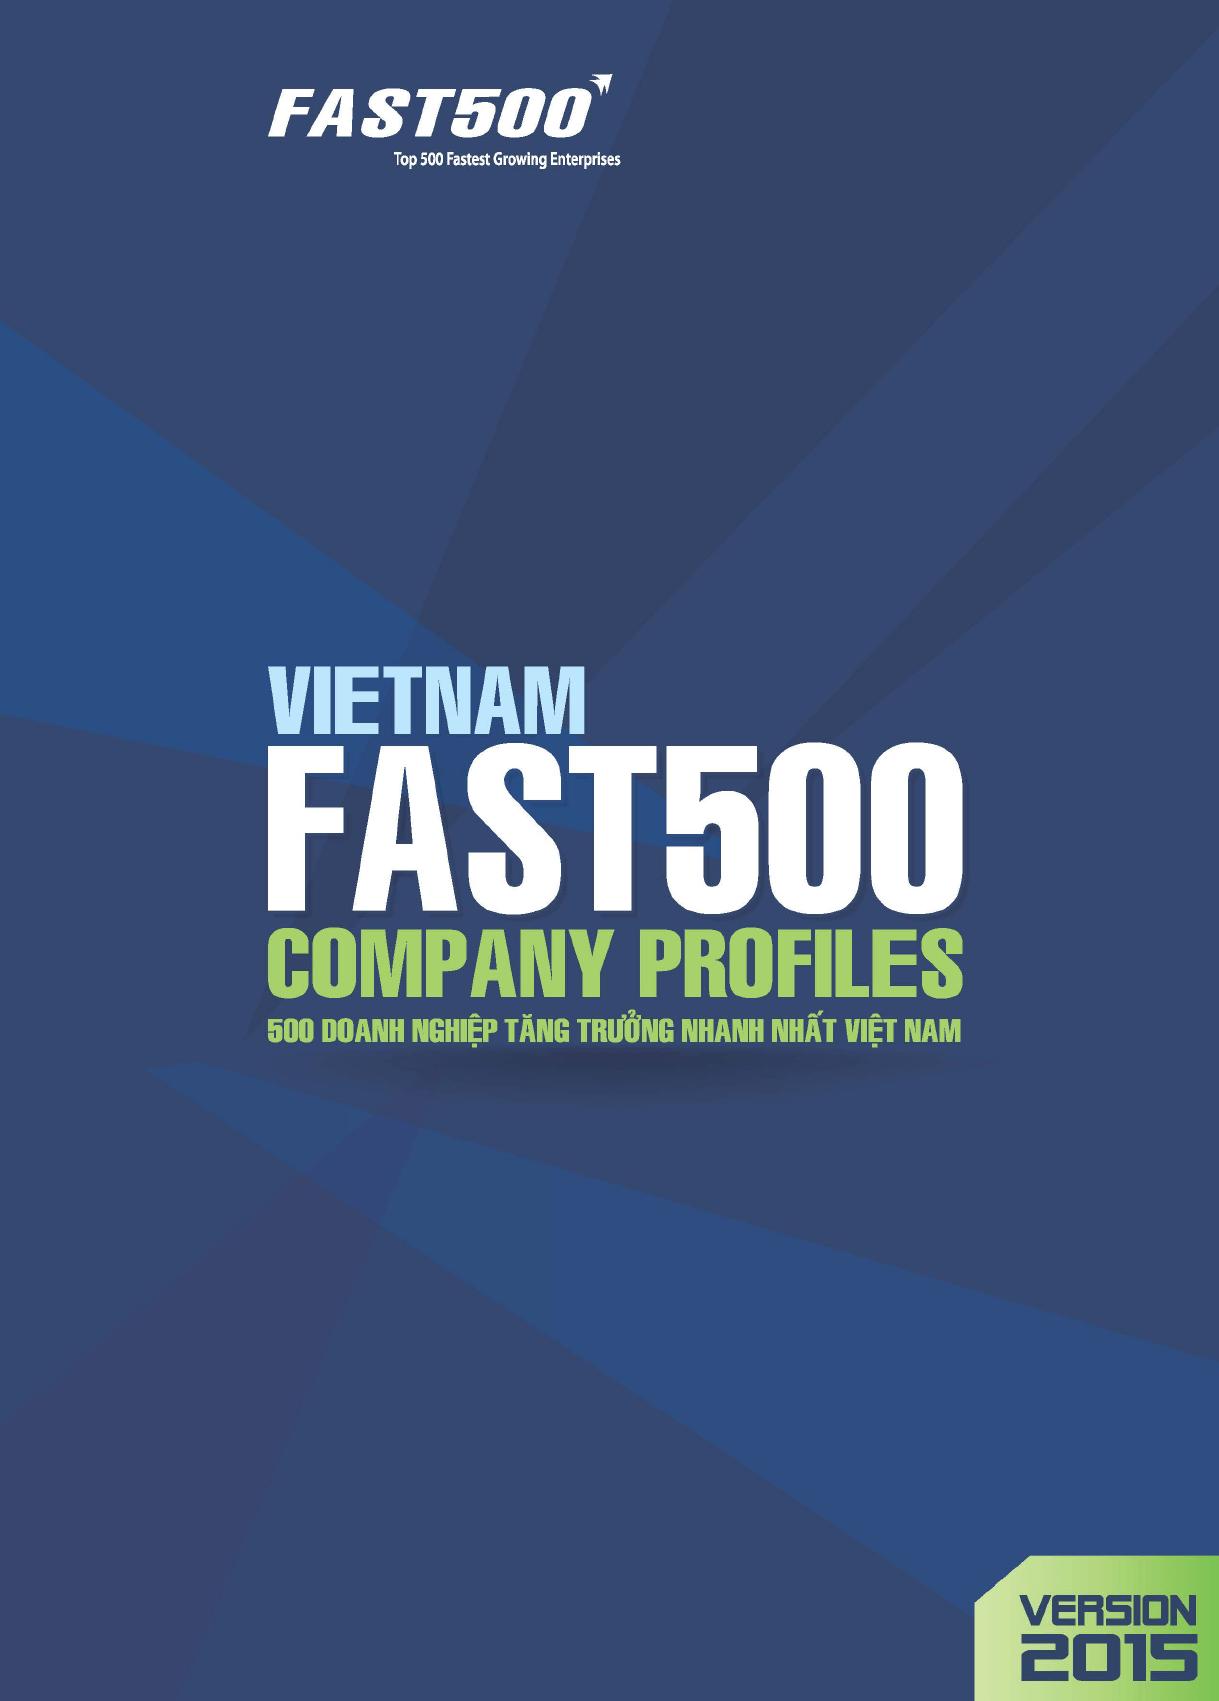 13/06/2016: Hồ sơ 500 doanh nghiệp tăng trưởng nhanh nhất Việt Nam_Phiên bản 2015